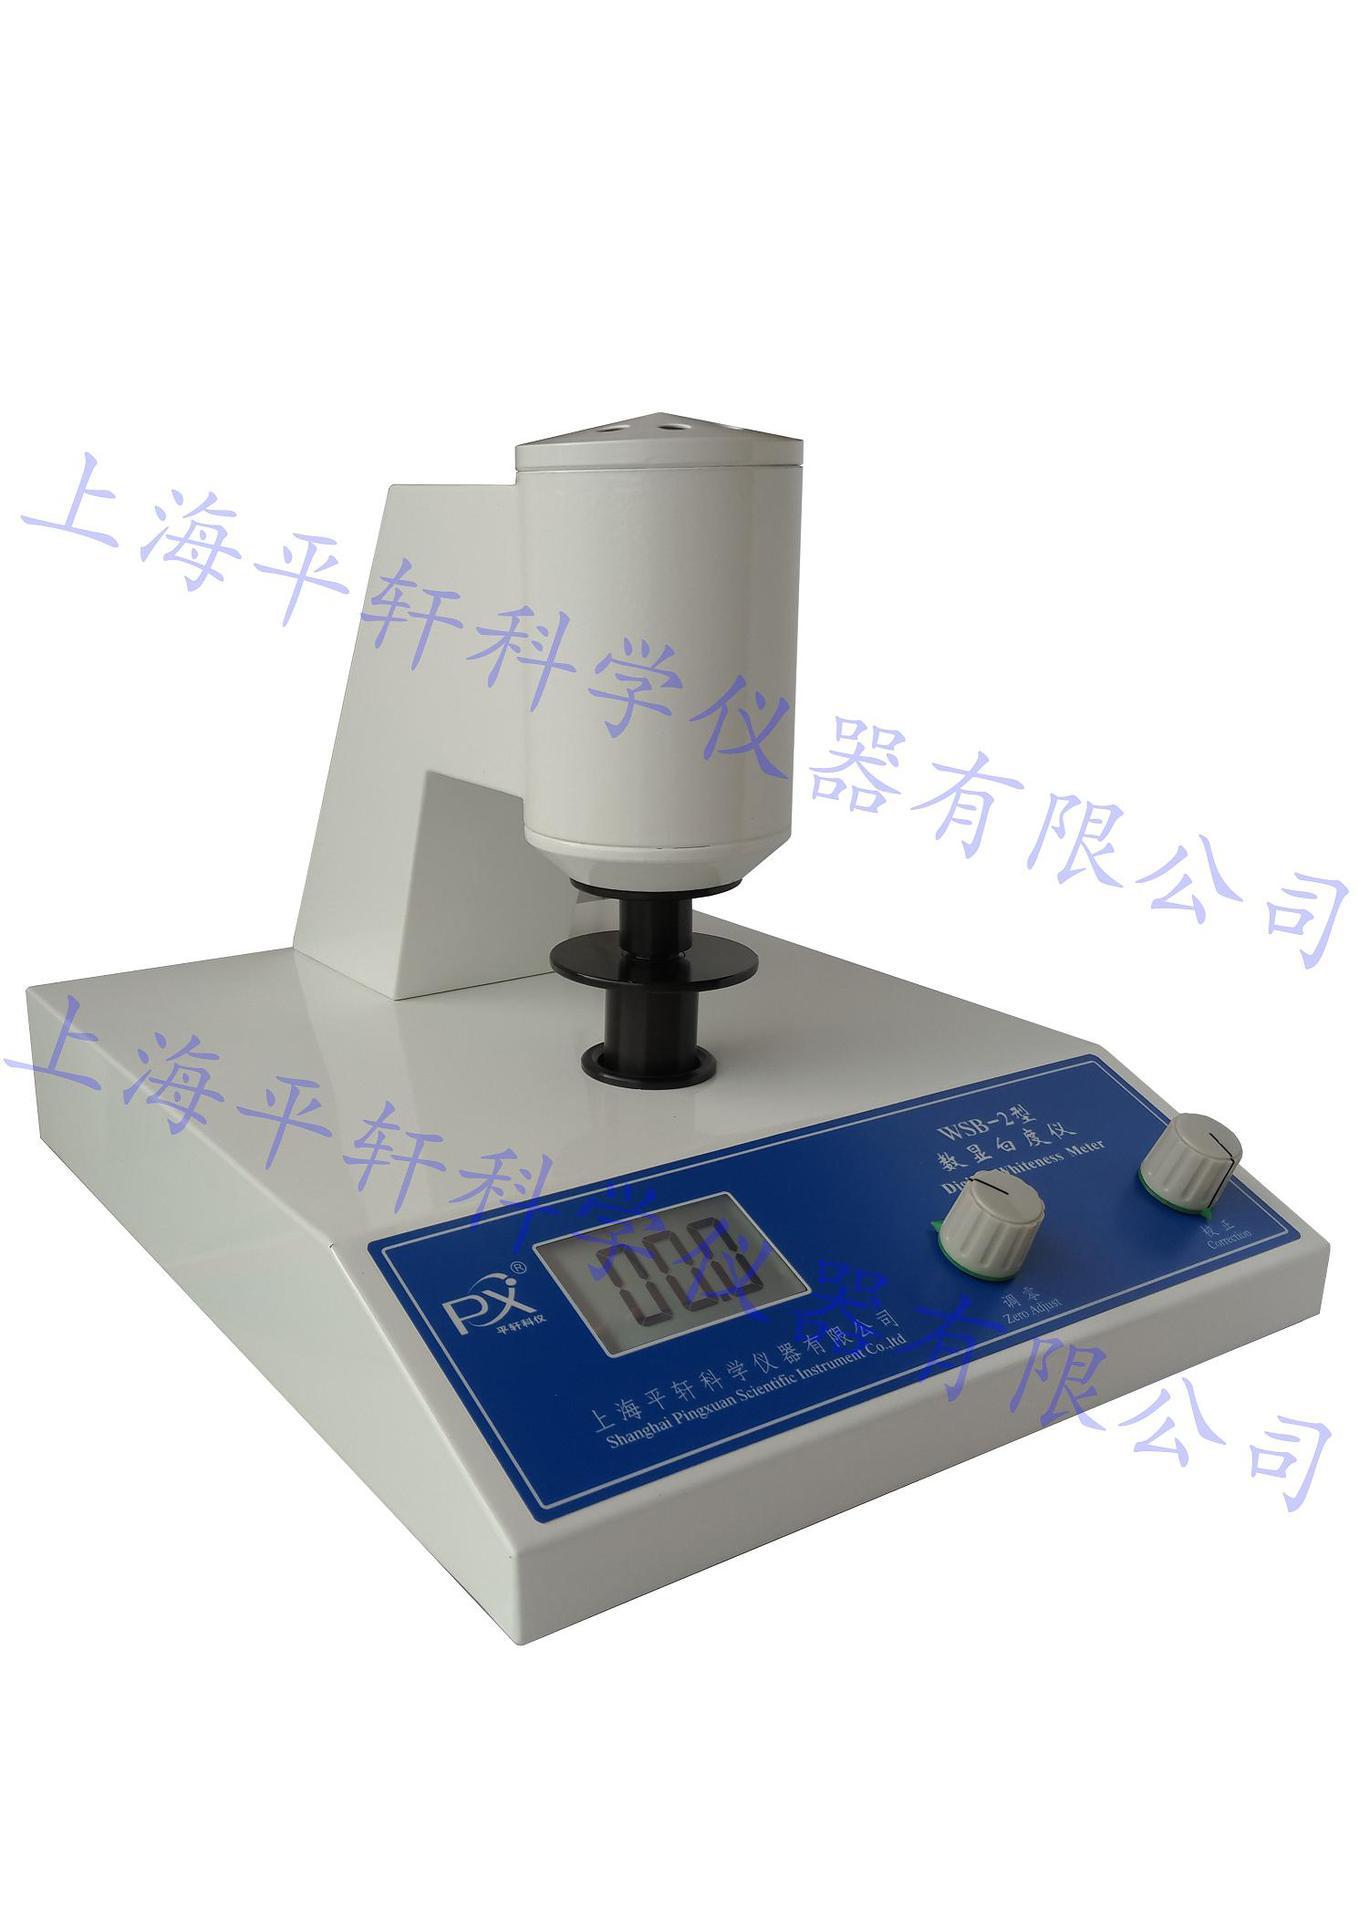 促销上海平轩卓越性能WSB-2台式数显白度仪/白度计/白度测量仪